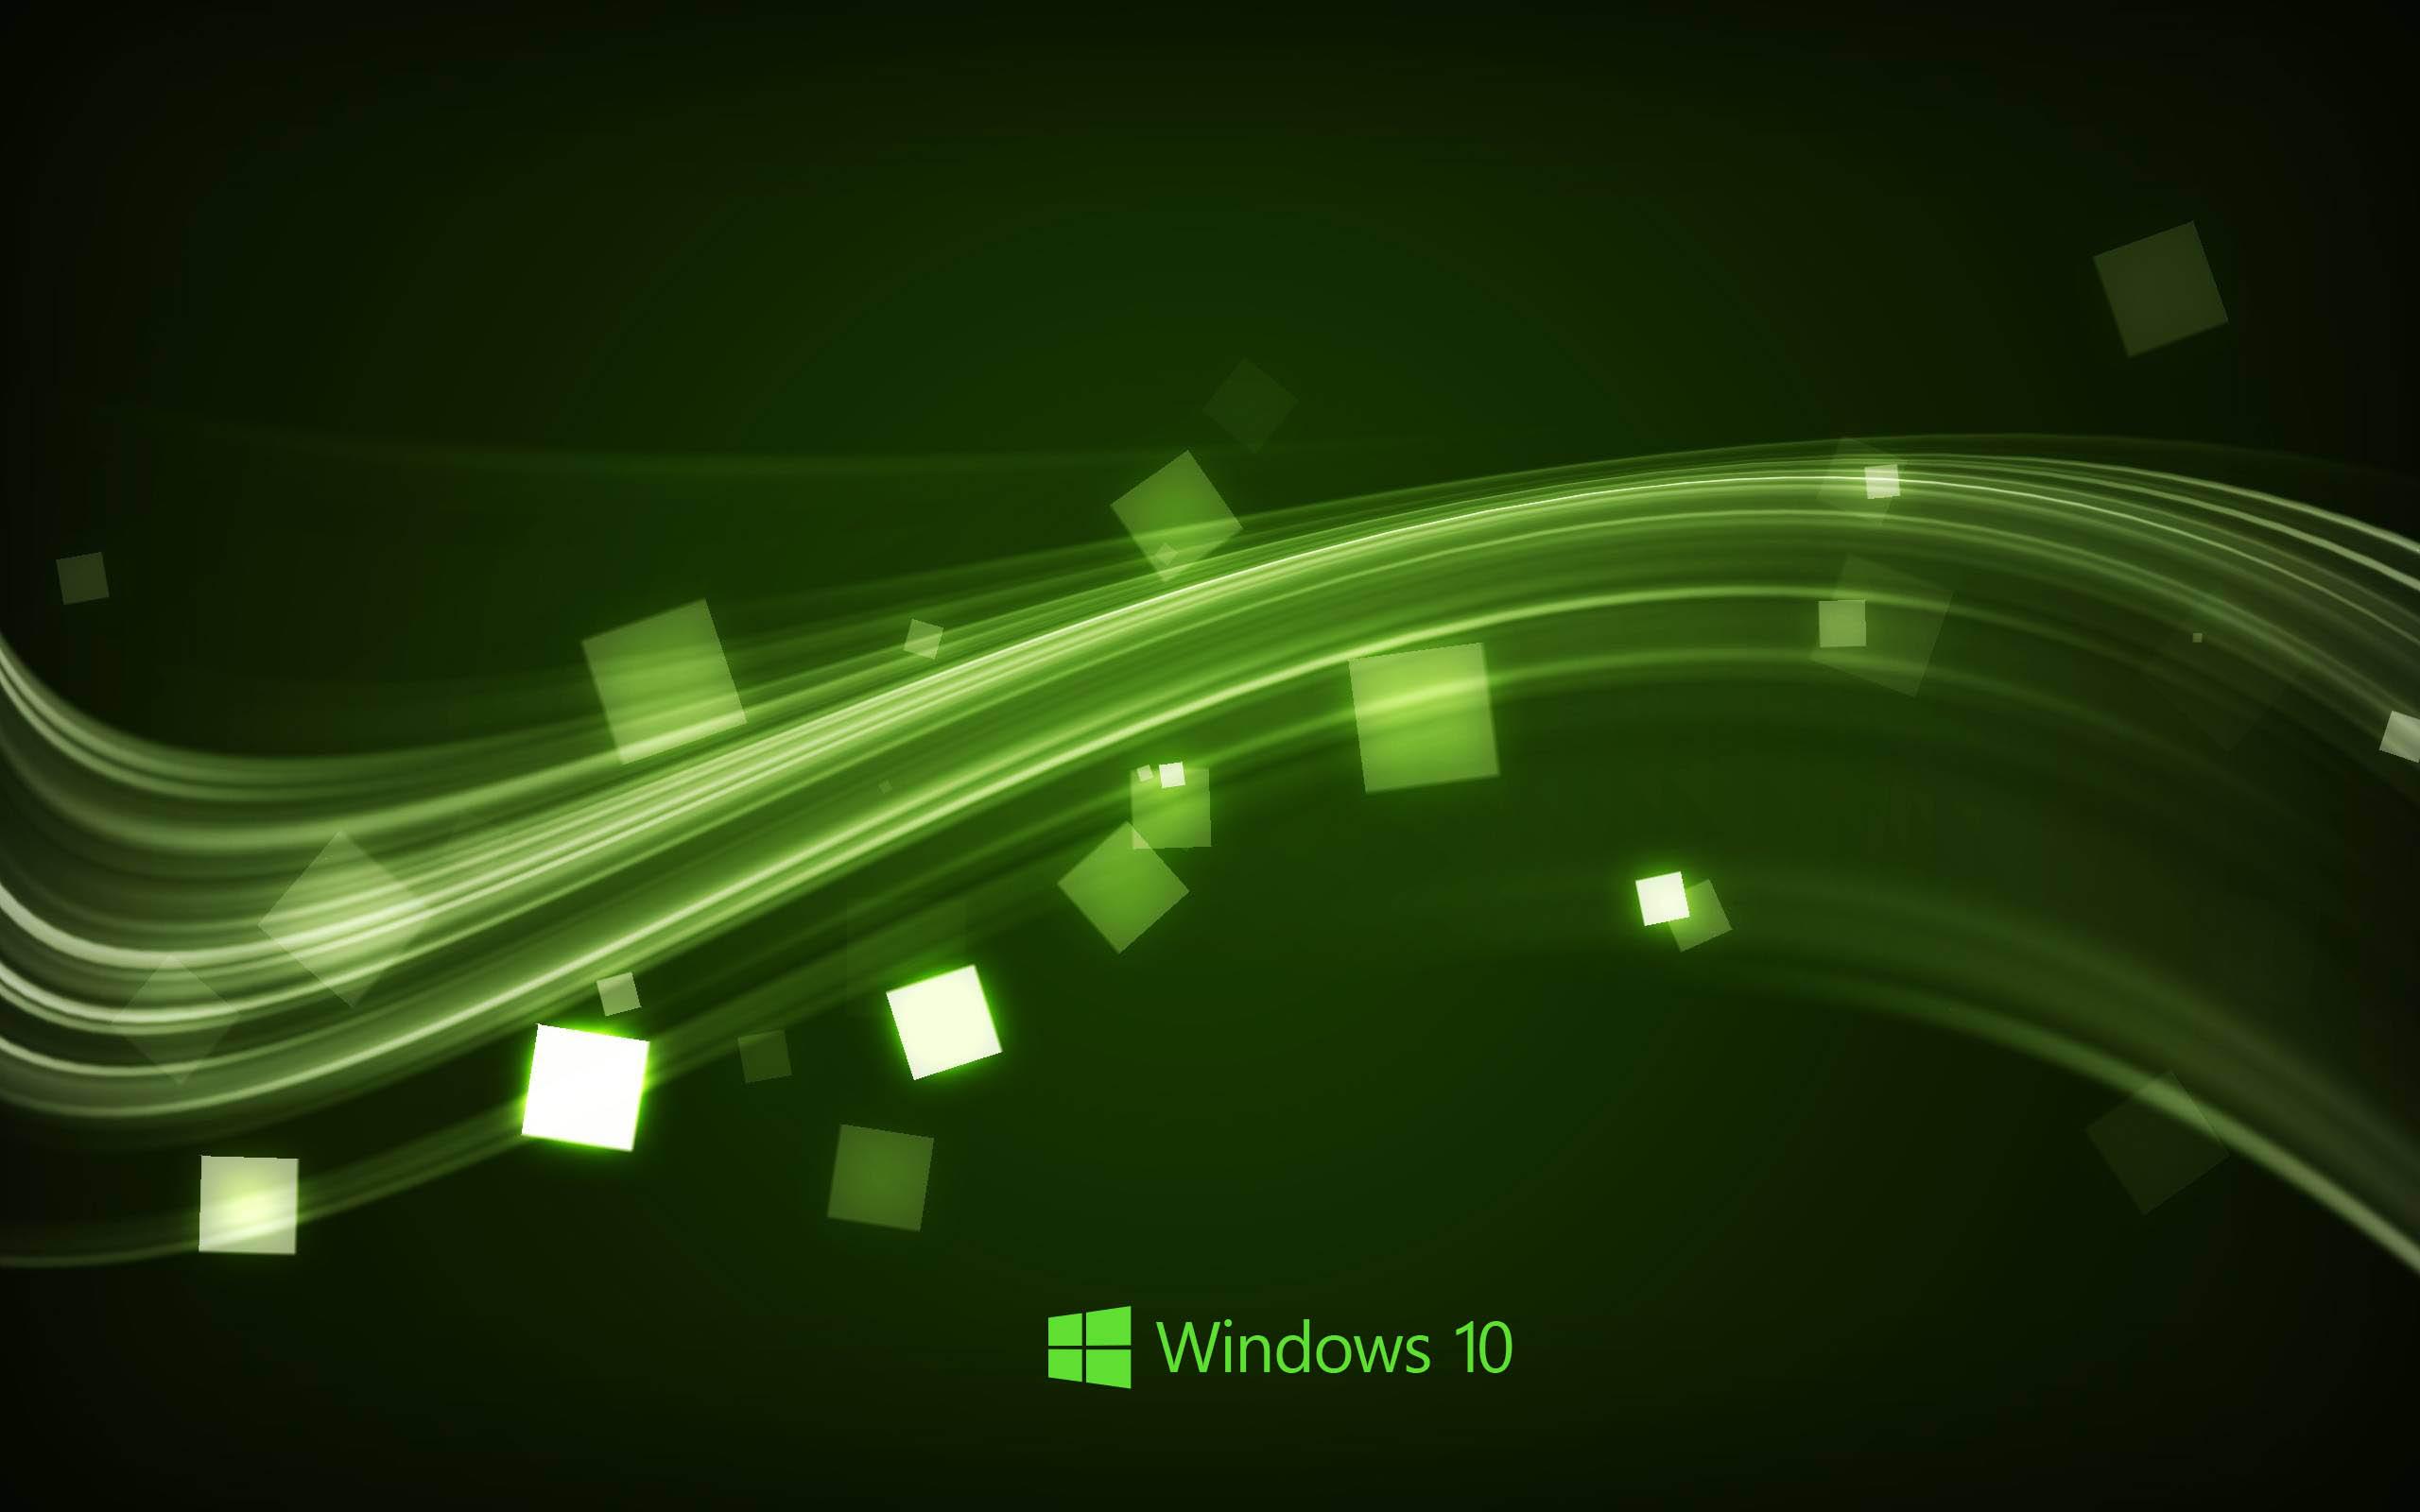 Windows 10 Desktop Is Black 3 Desktop Wallpaper